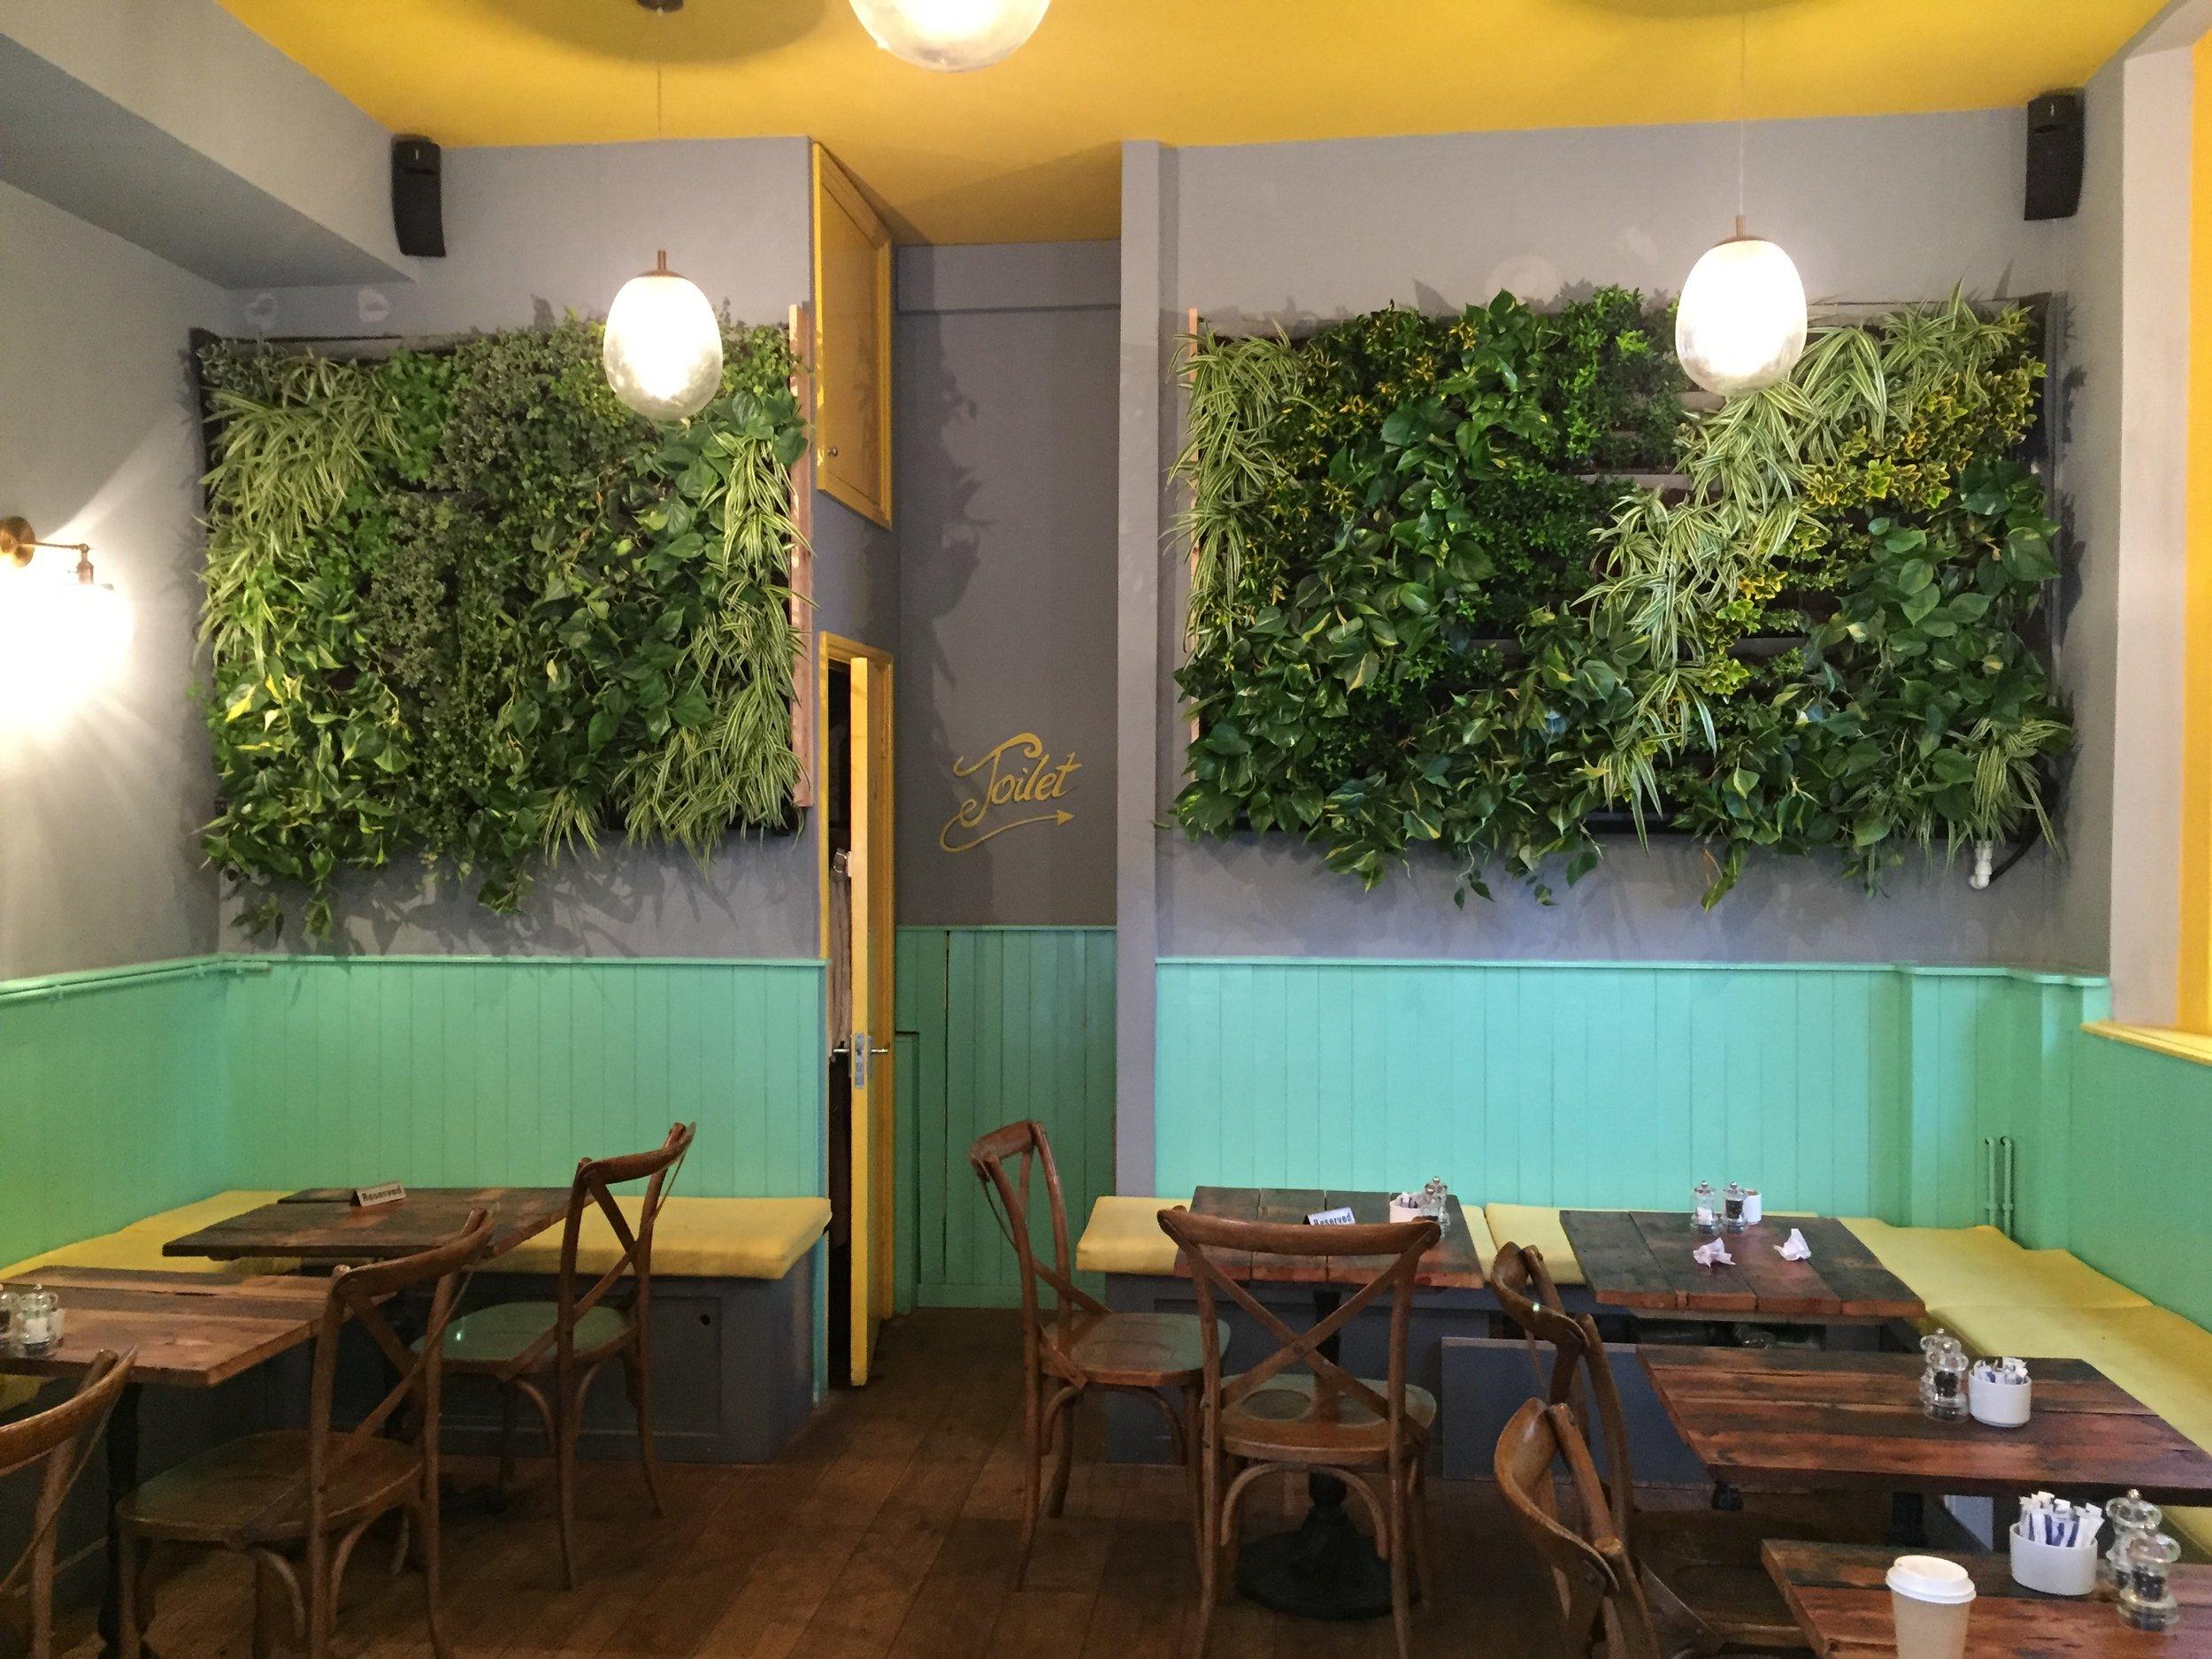 Interior wall hung